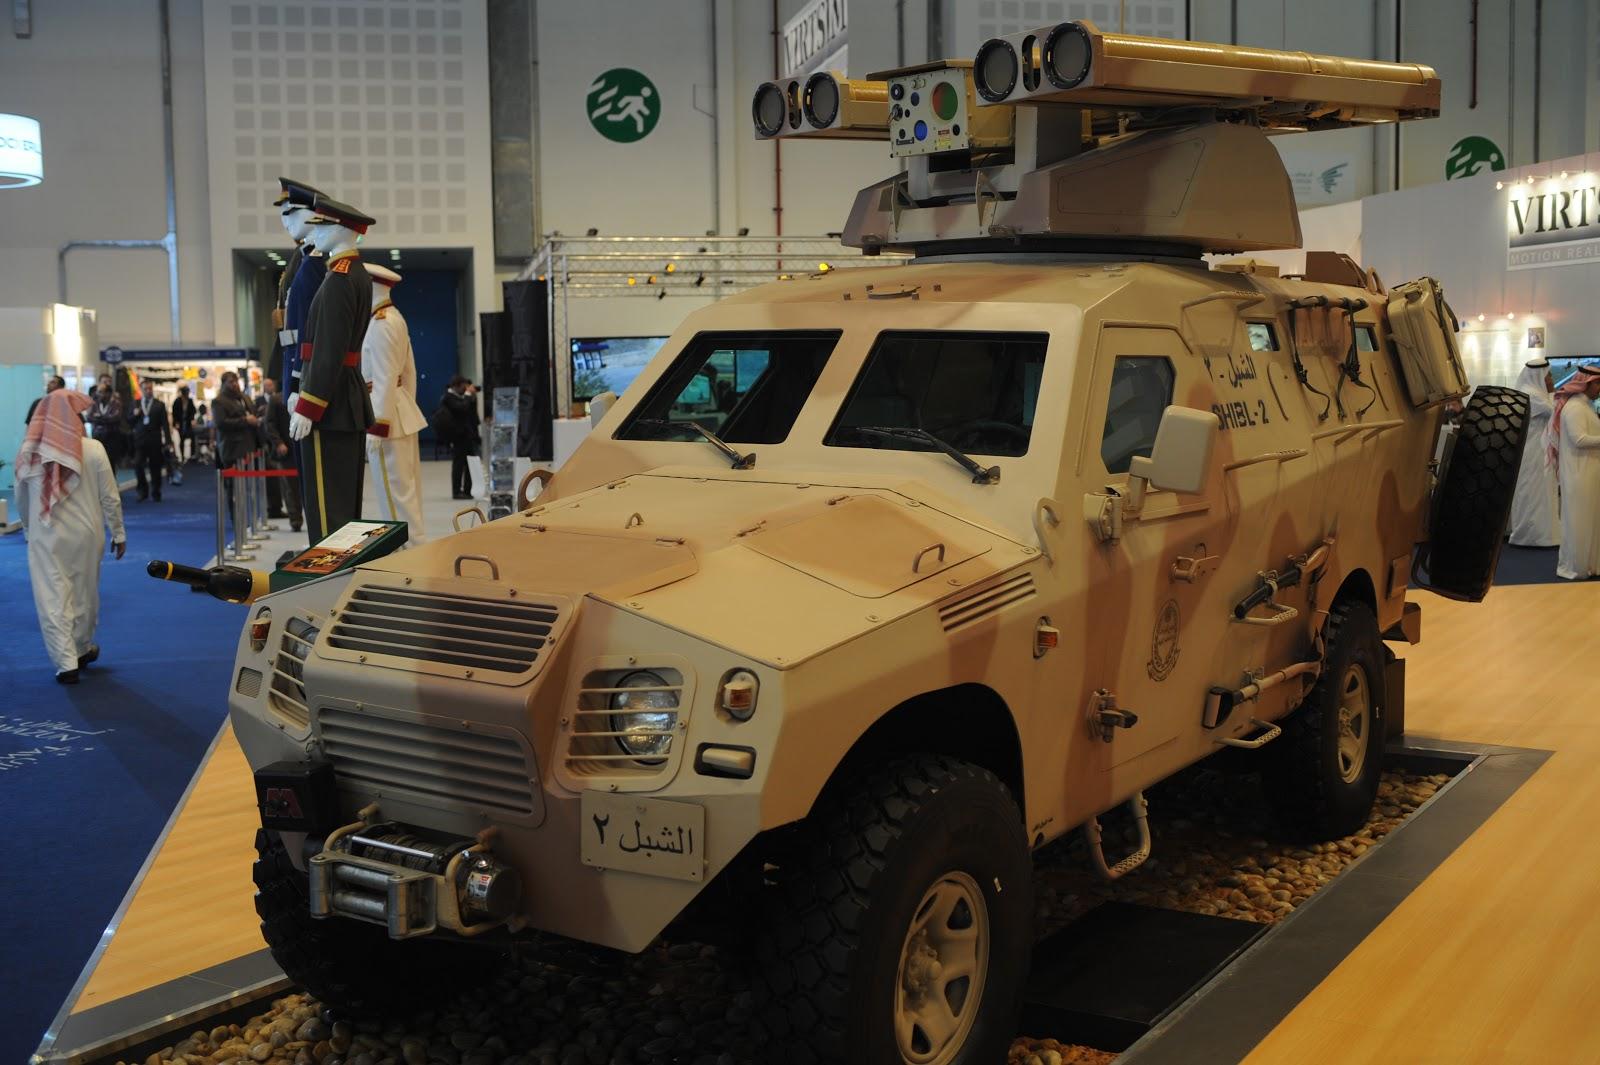 l'industrie militaire dans le monde arabe - Page 3 DSC_8293